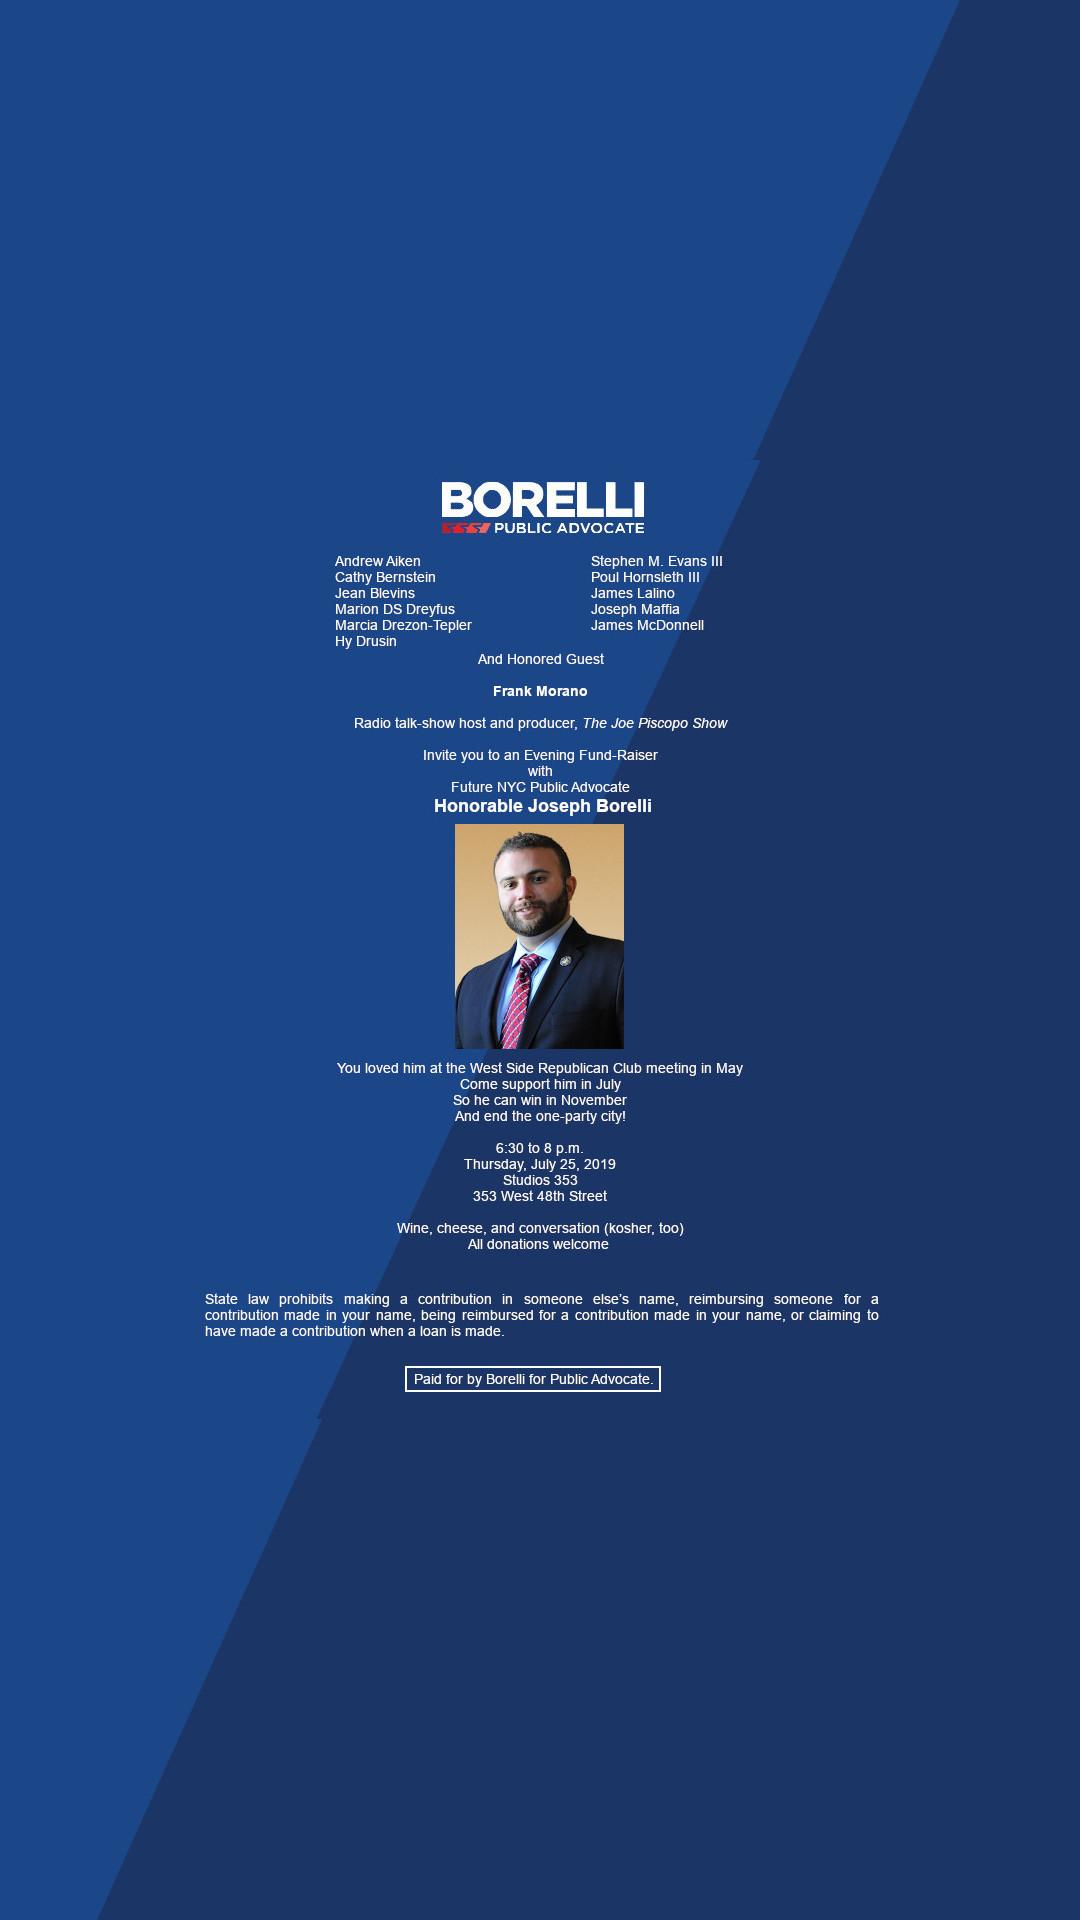 Borelli for Public Advocate Fundraiser